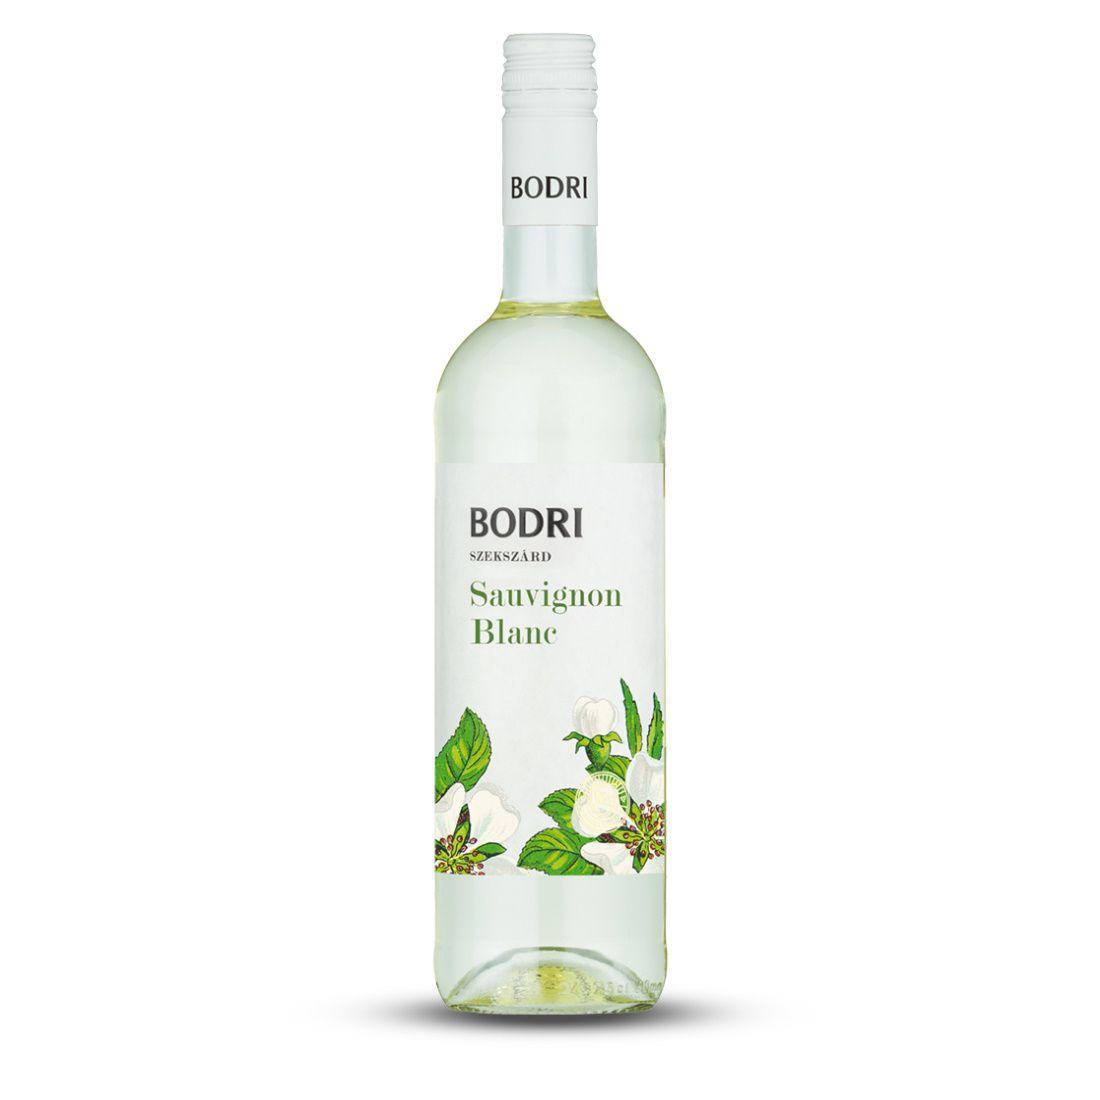 Bodri Sauvignon Blanc 2020 0,75l Szekszárd